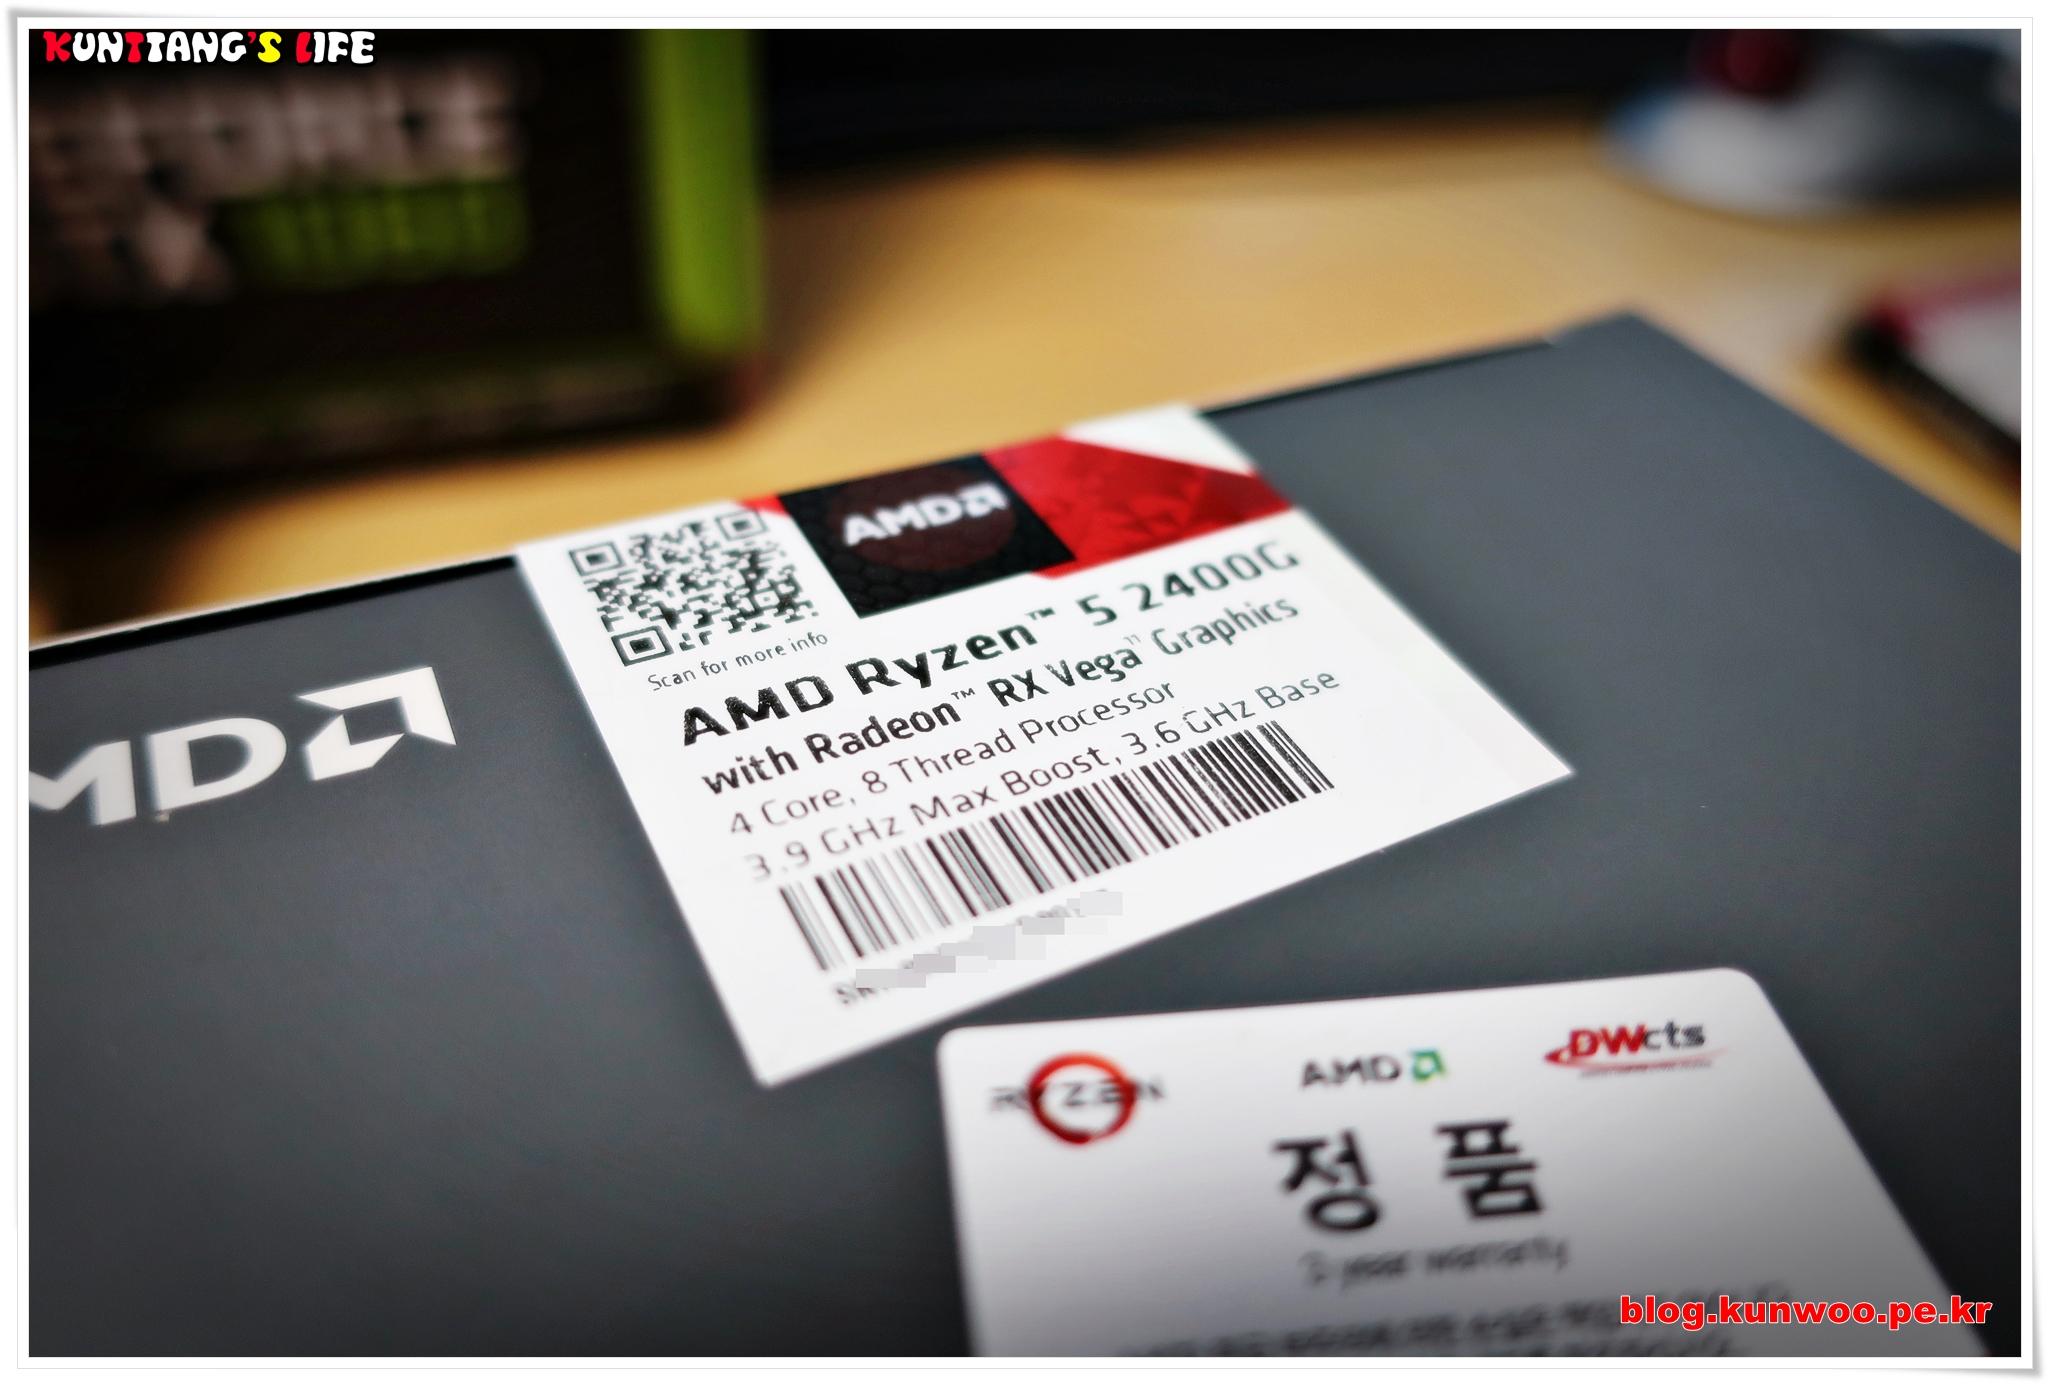 [그림3] 정품 AMD R5 2400G CPU박스